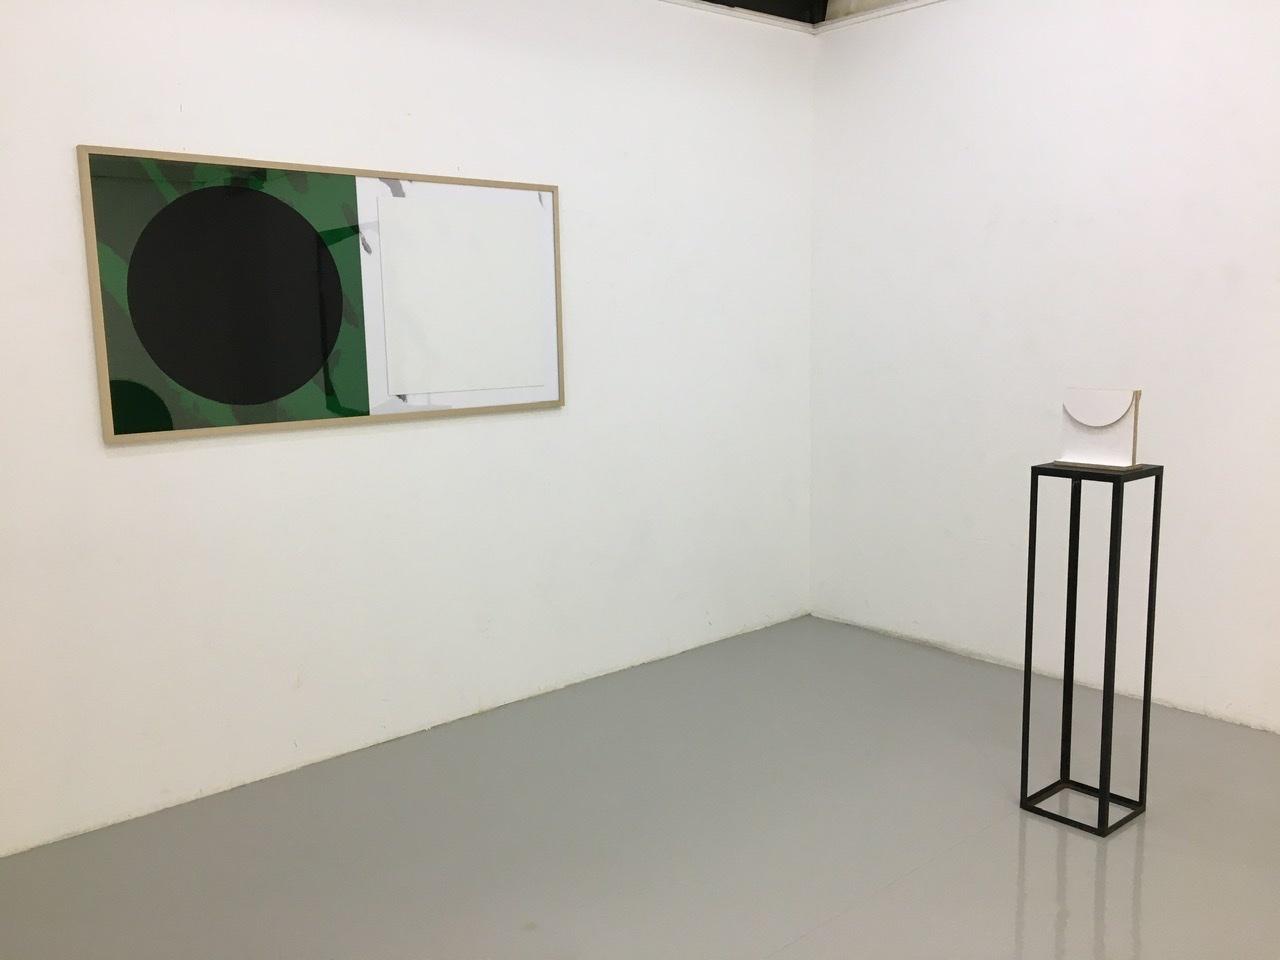 五月女哲平展「燃え湿るかたち」/Teppei SOUTOME exhibition_d0271004_23572912.jpeg